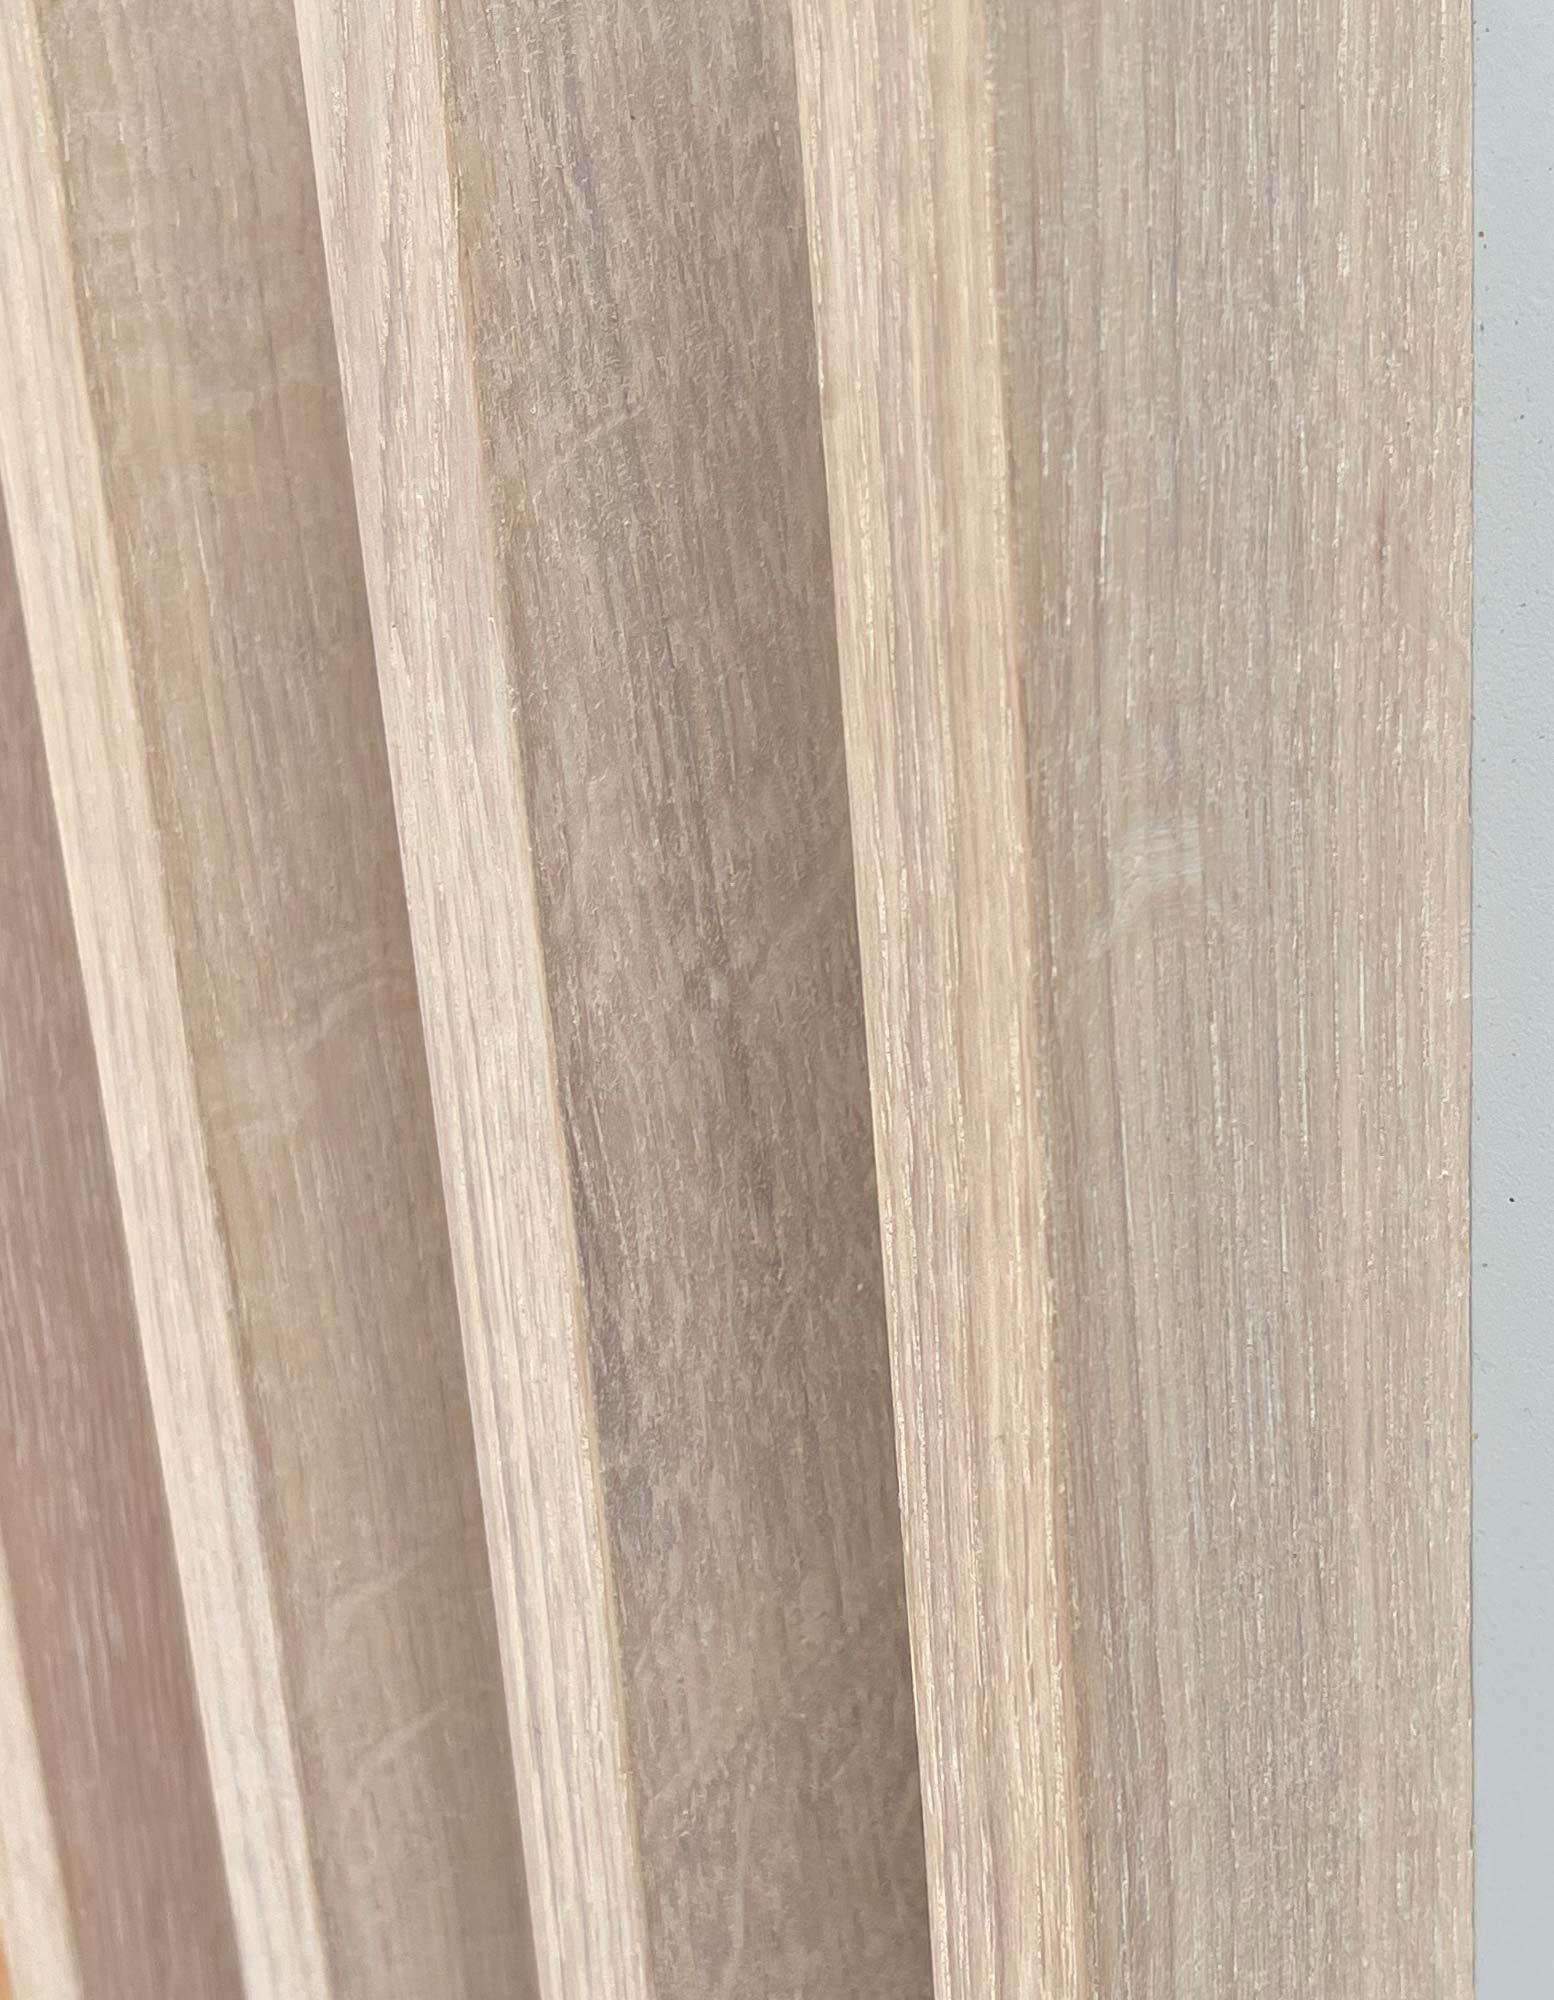 wandpaneele-akustik-eiche-furnier-zaun-koenig-white-seitlich